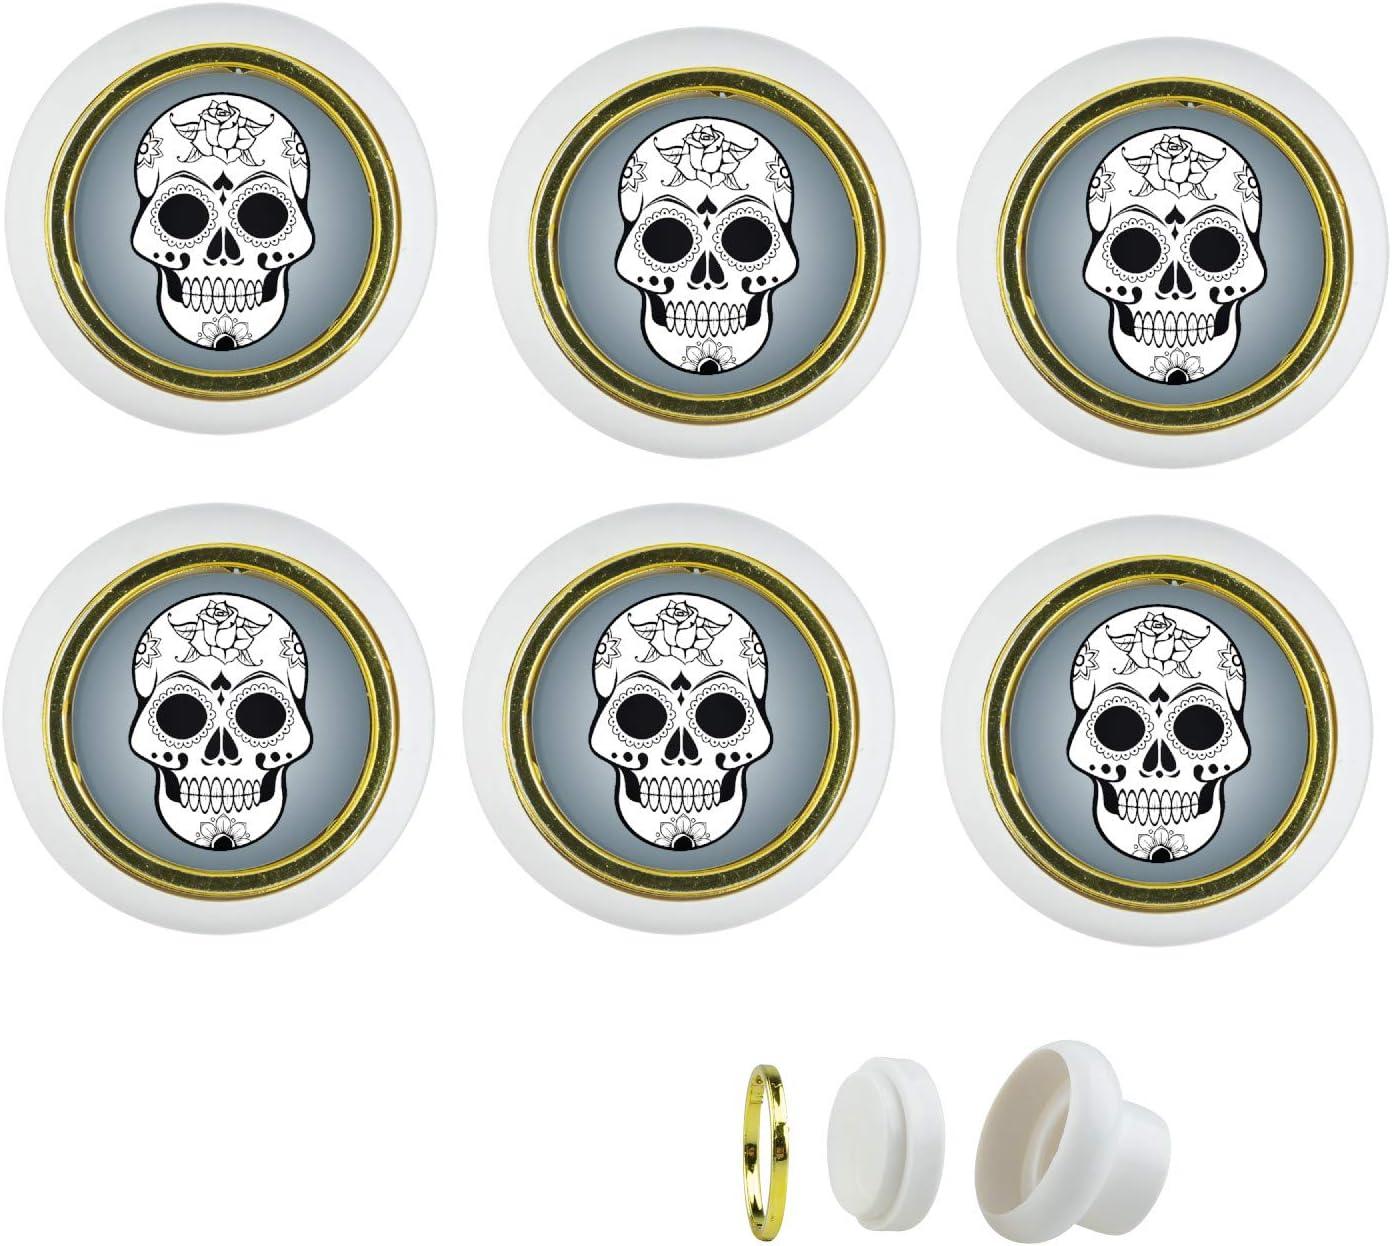 commode cuisine chambre denfant porte tiroir salle de bains maison KST016S Lot de 6 boutons de meuble en plastique Motif football Pour placard